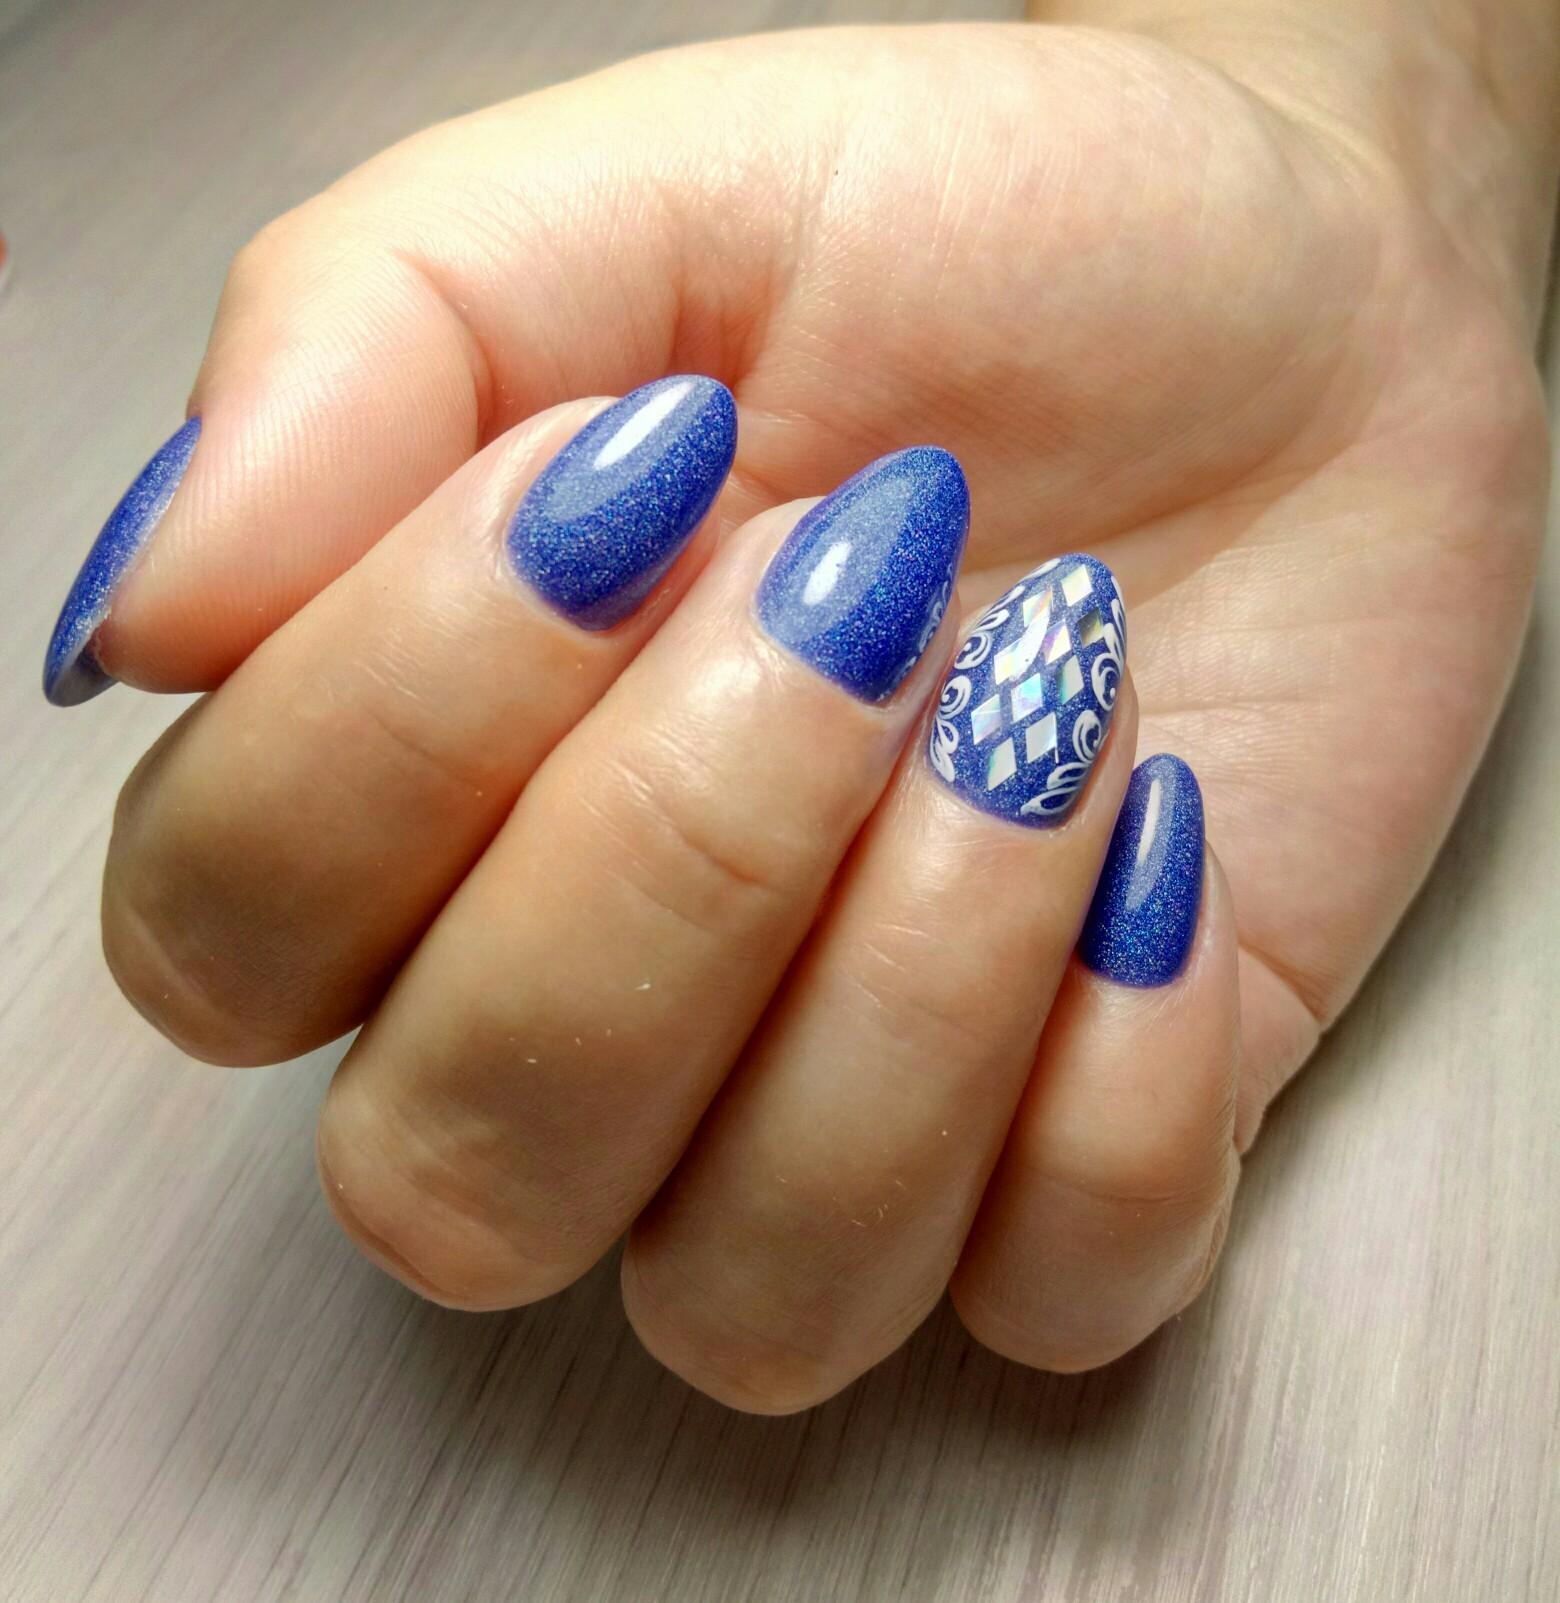 Маникюр с дизайном битое стекло и блестками в синем цвете.